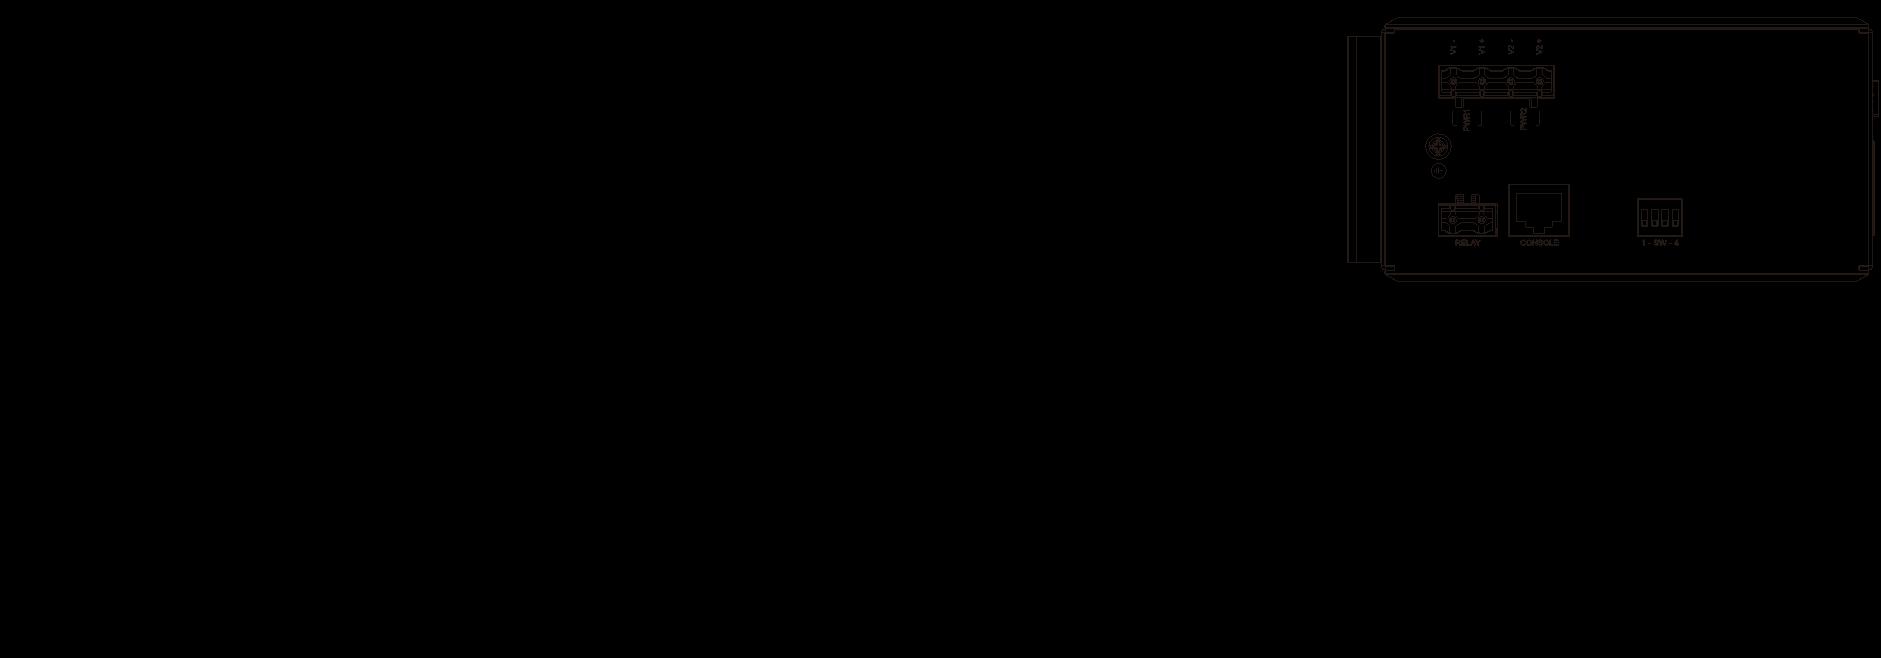 ips716-2gc-4poe-dim